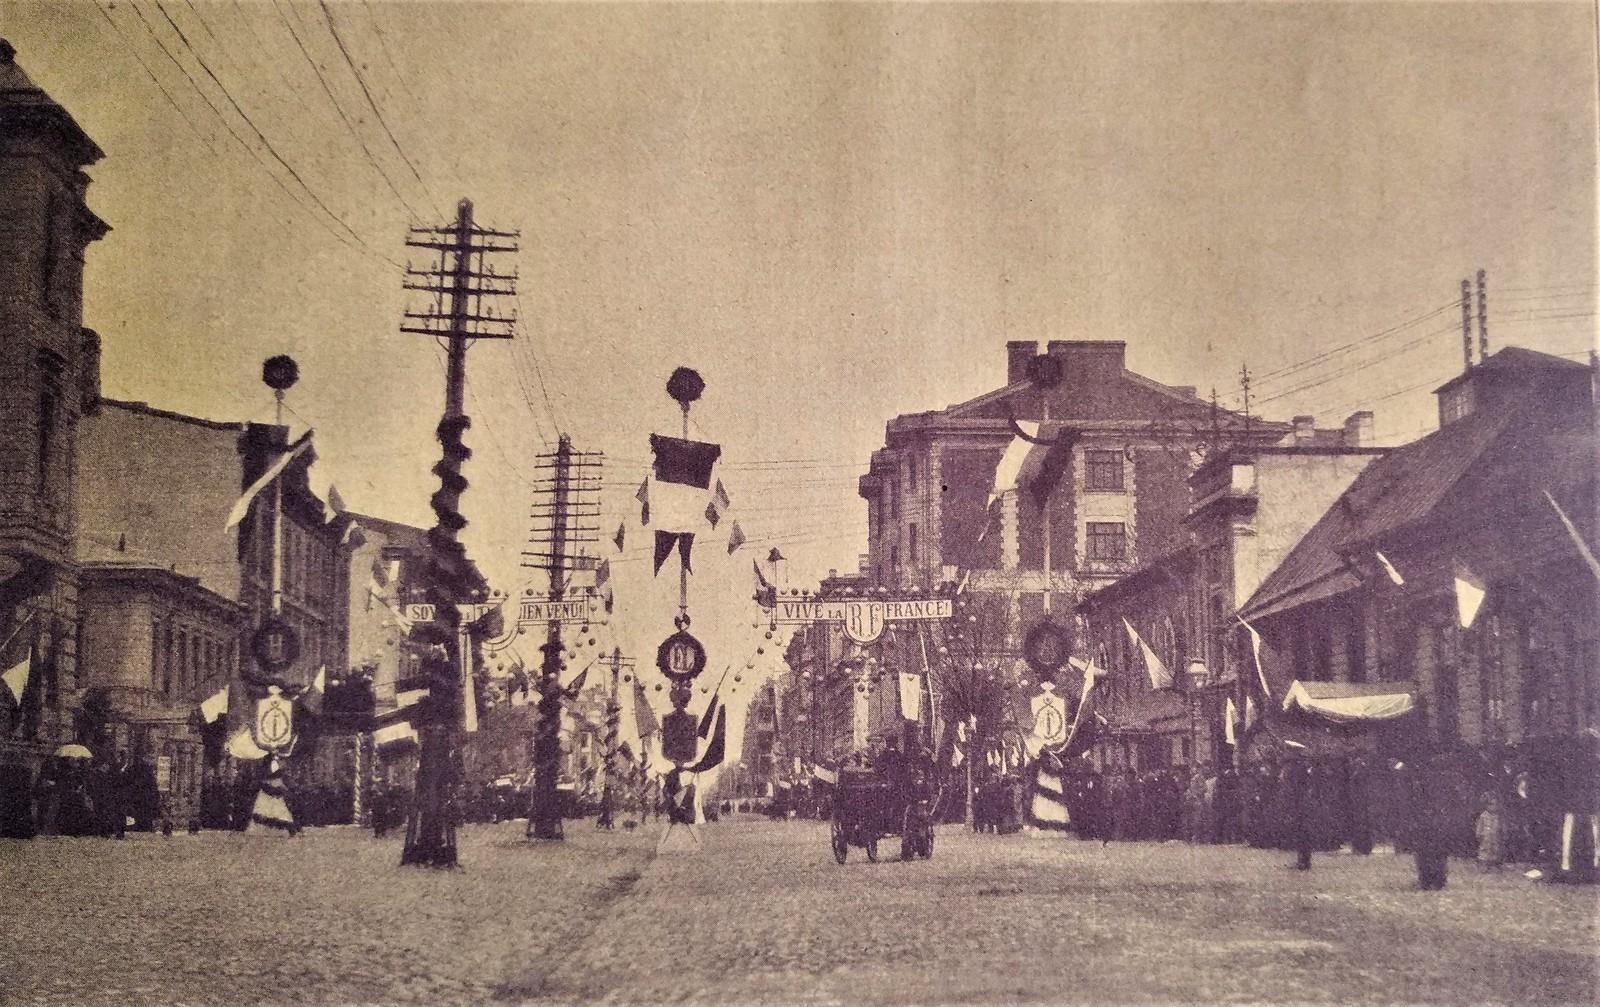 1902. Перспектива 12-й - 13-й линии ВО в дни визита президента Французской республики Эмиля Лубэ.